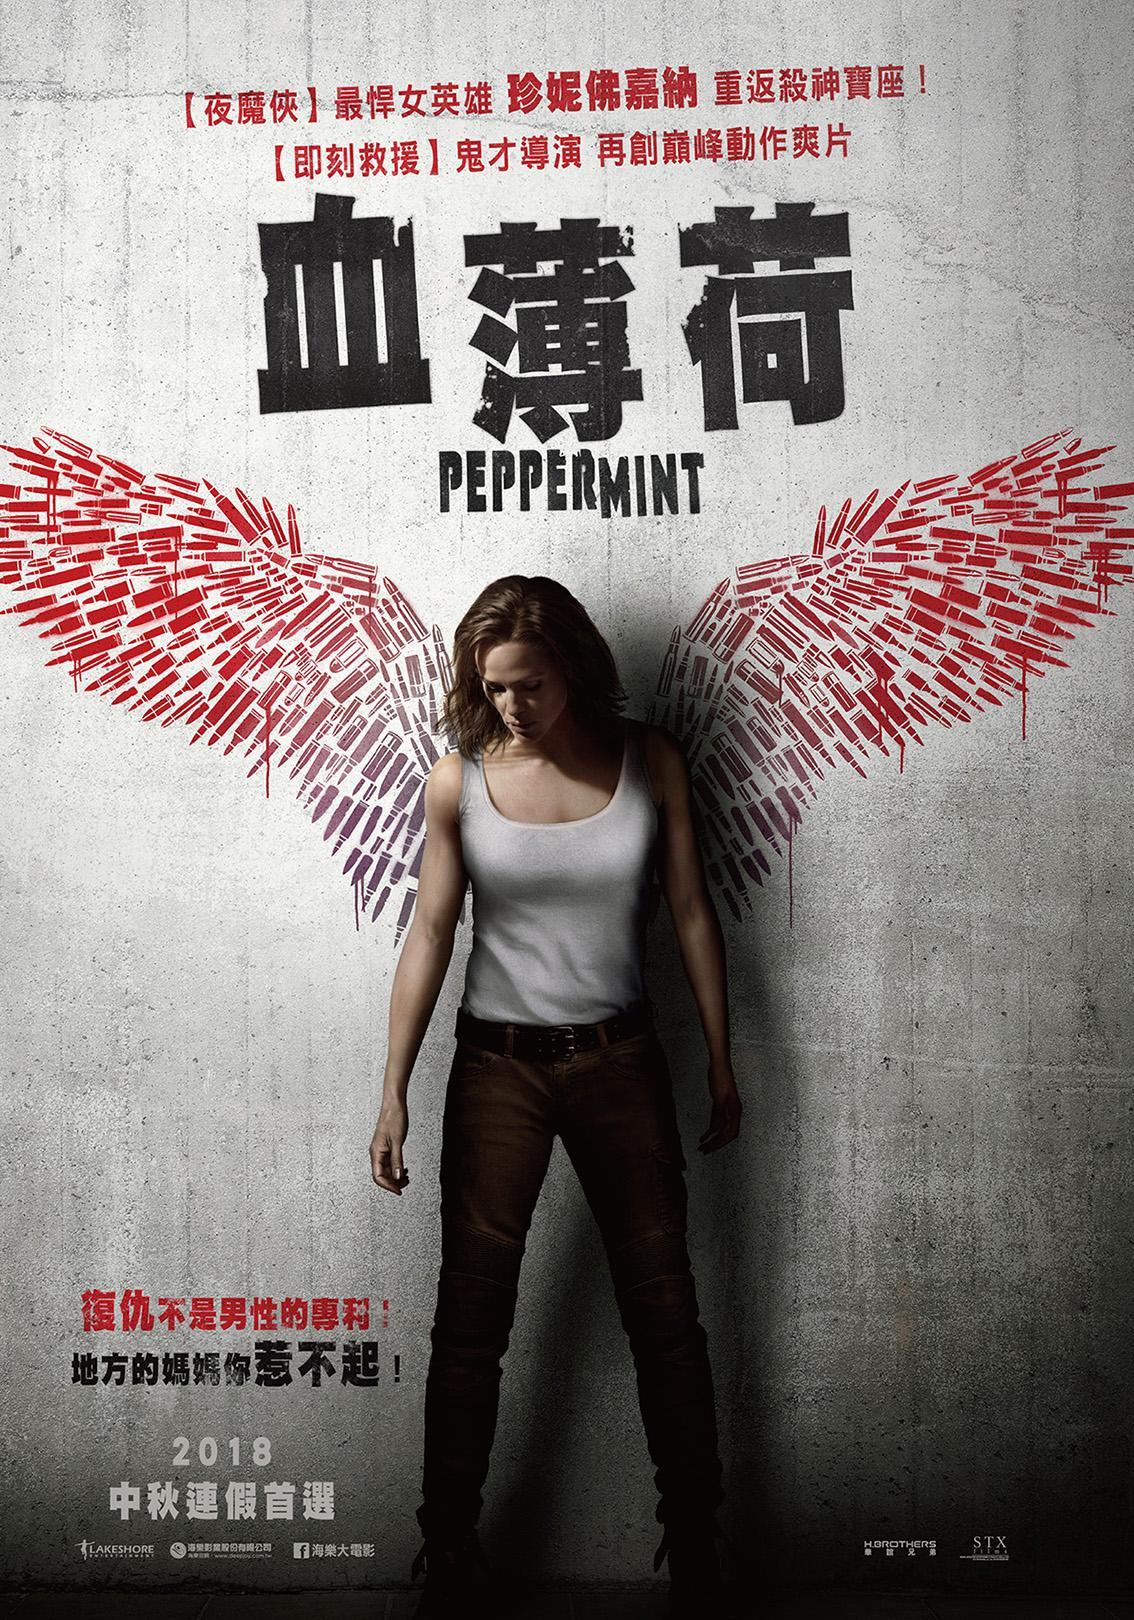 血薄荷 Peppermint - Yahoo奇摩電影